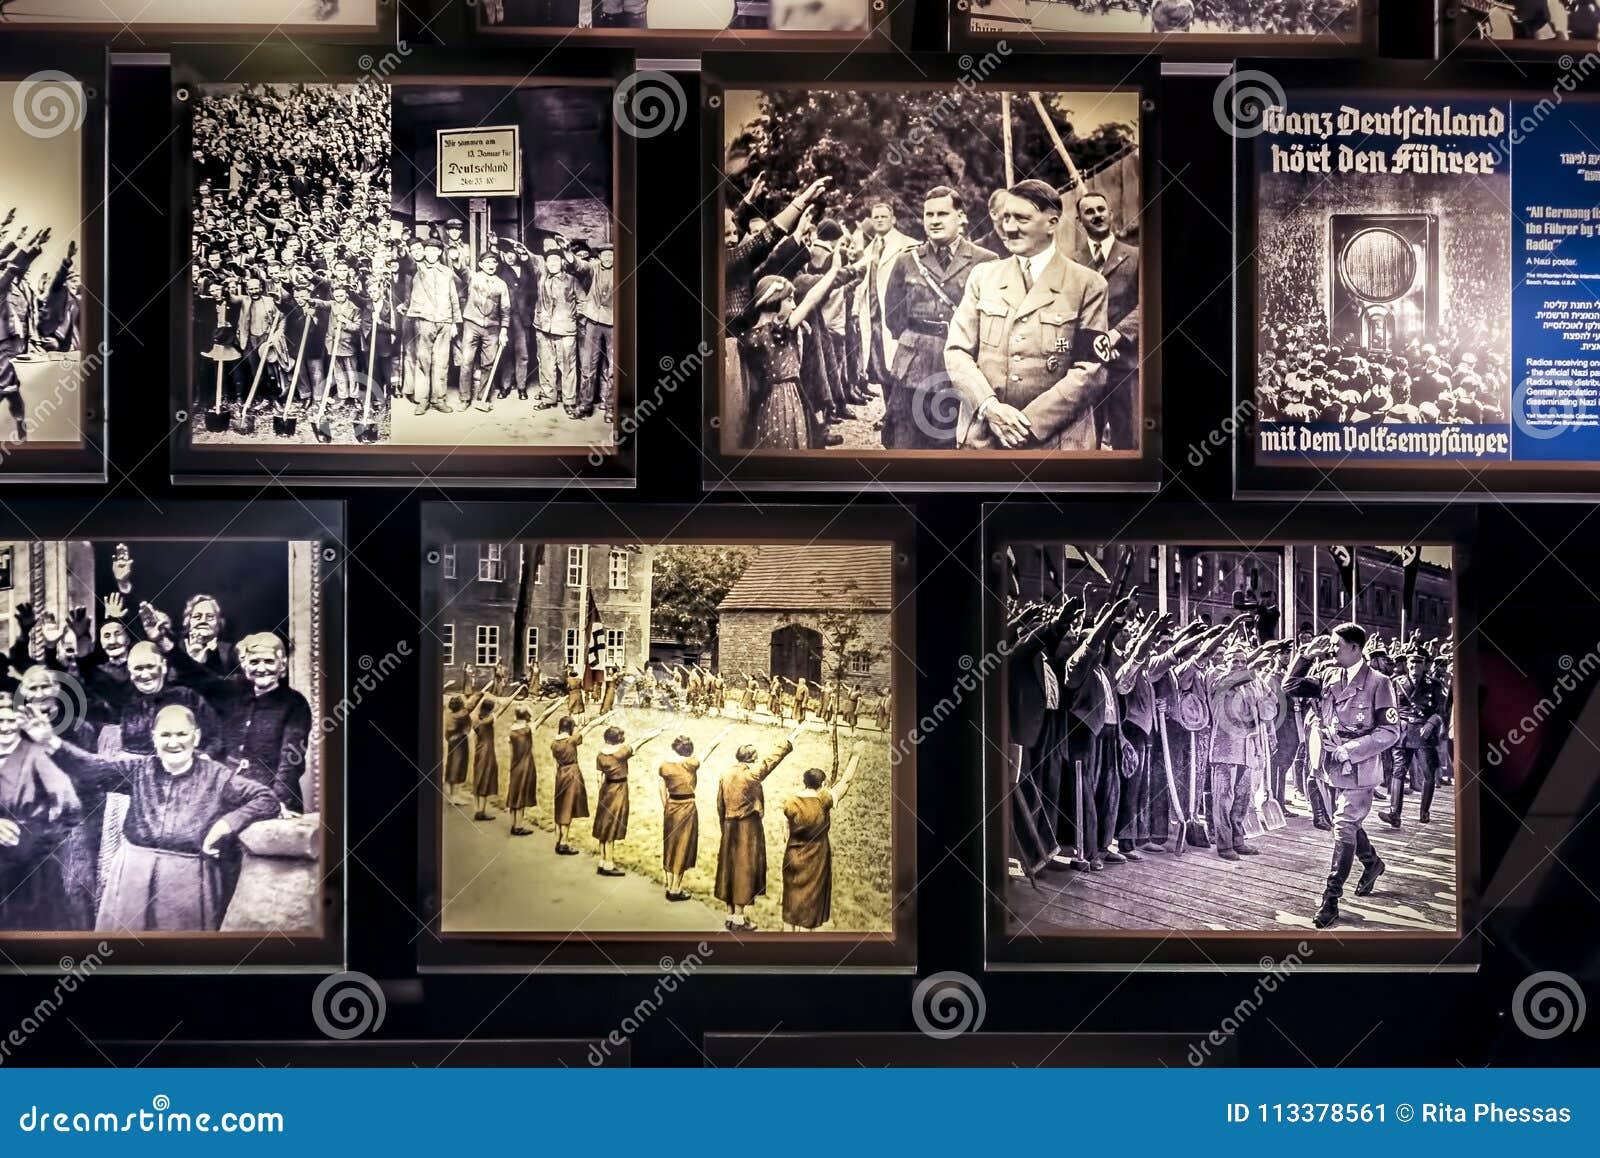 Israel, holocausto de Yad-Vassim, vista 14-08-2017 de las fotos desde la 2da guerra mundial y persecución de los judíos, como